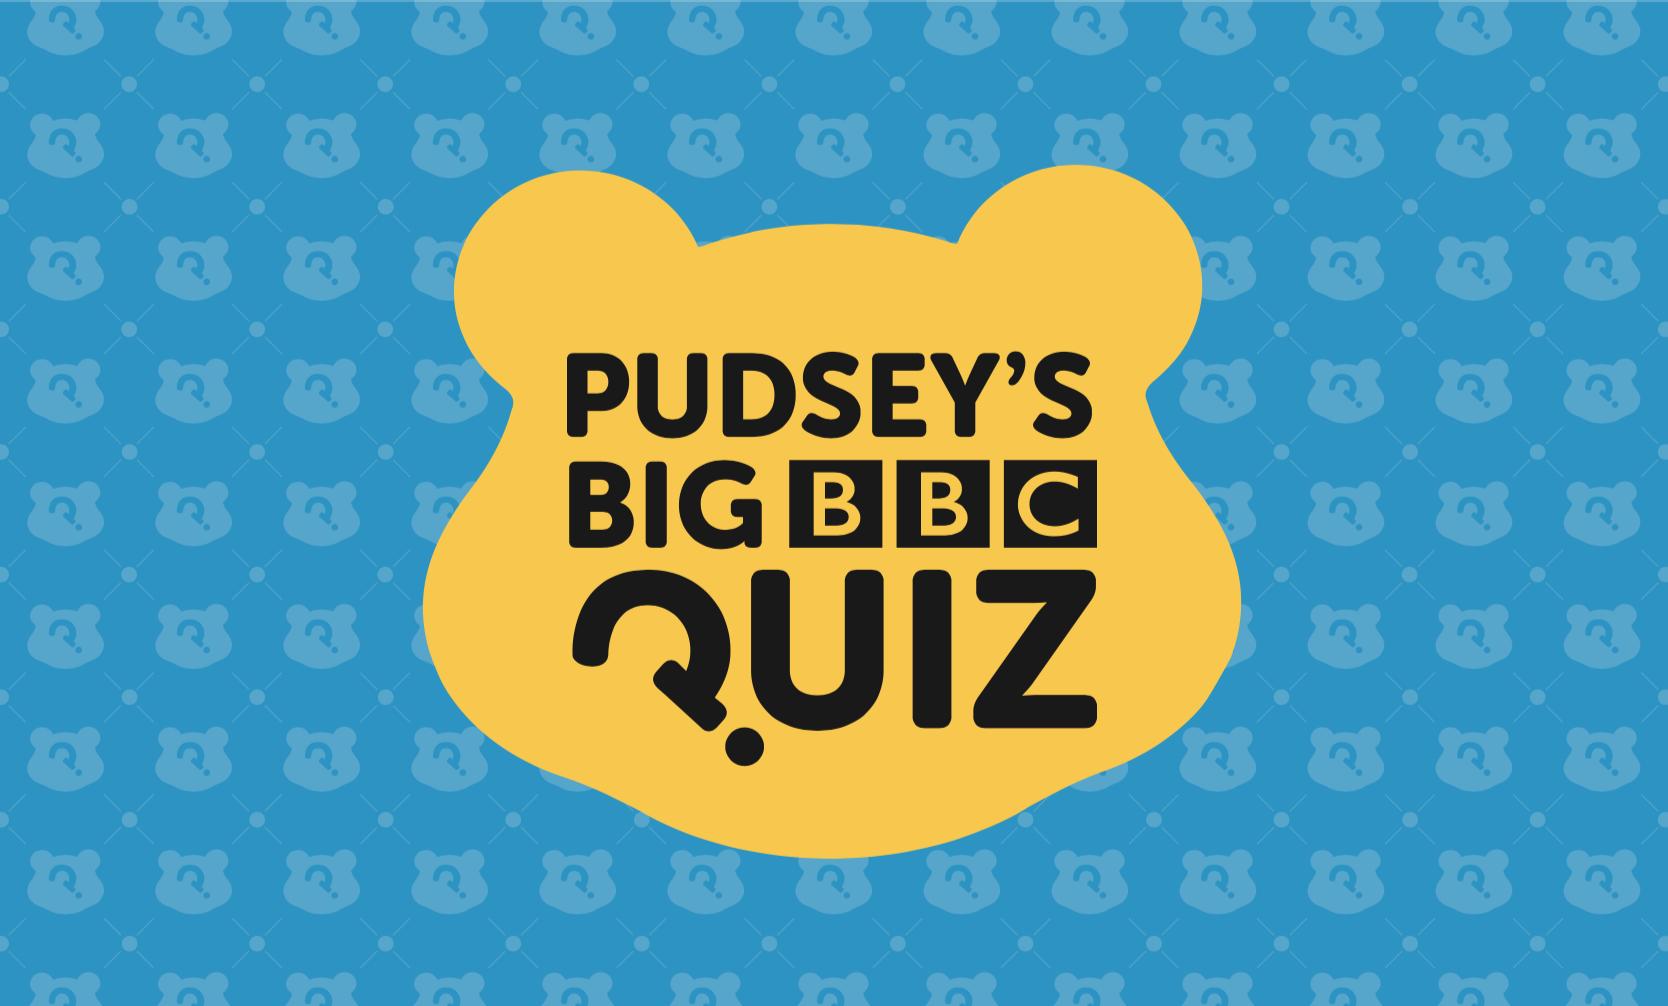 Big BBC Quiz